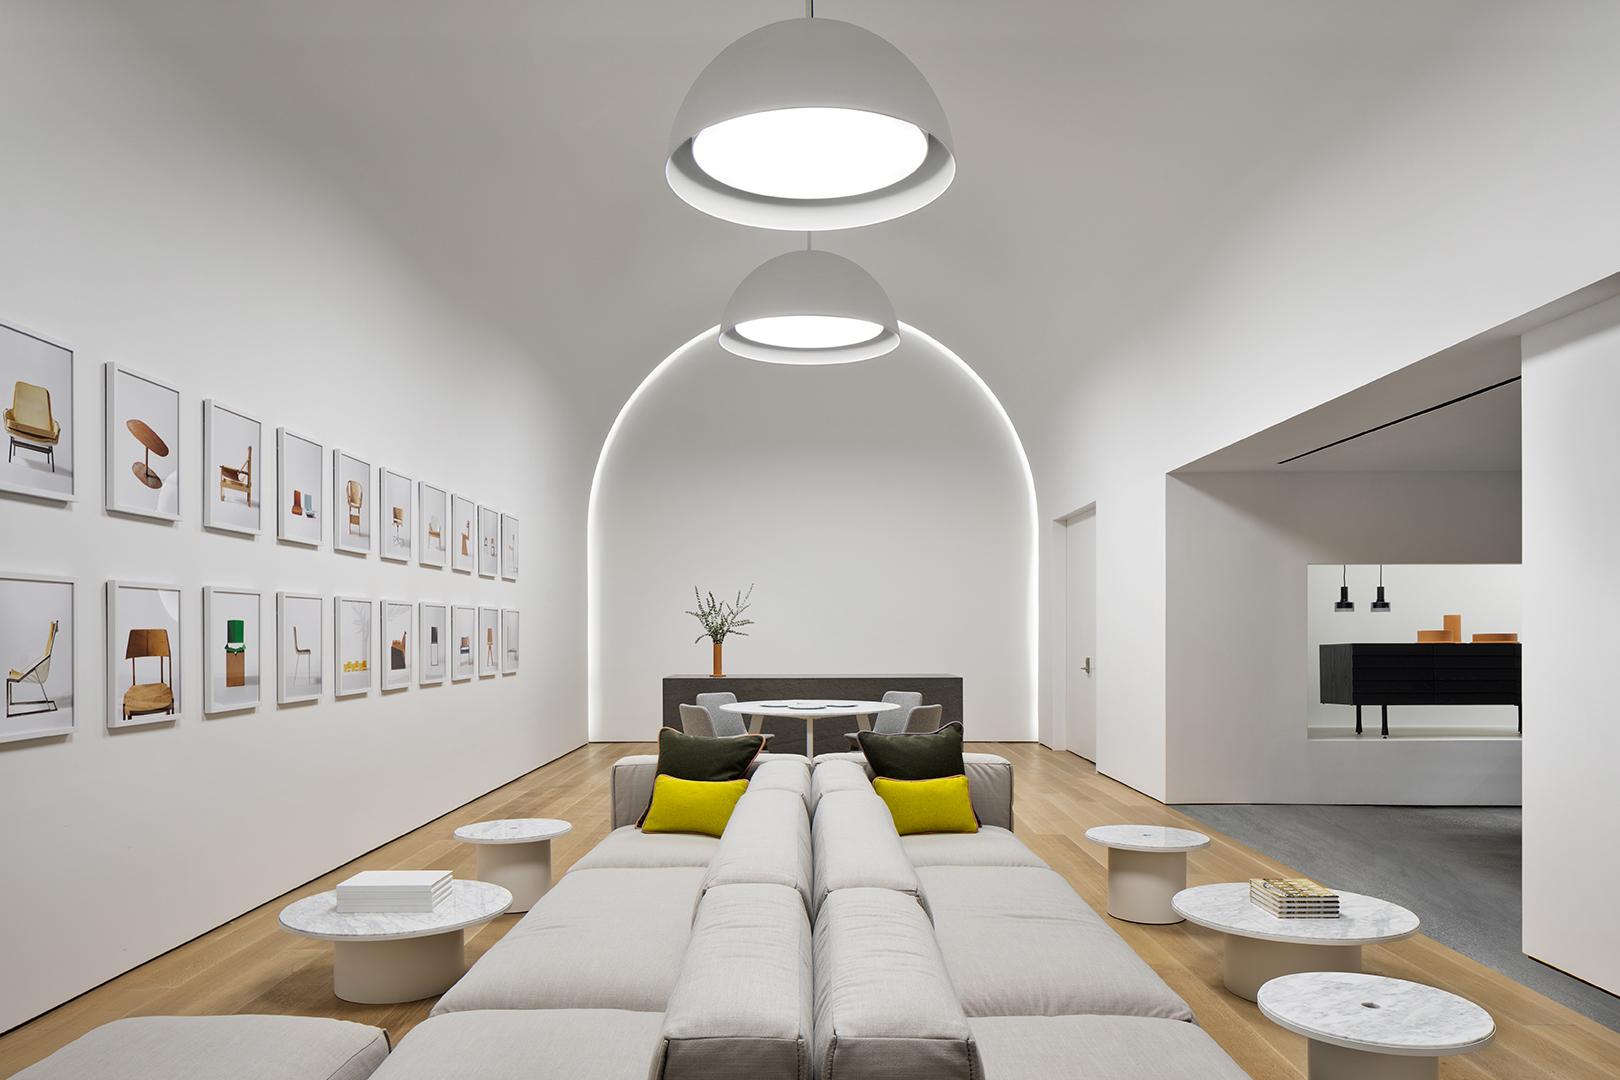 C 1746_11_2 Living Room Angle 2.jpg